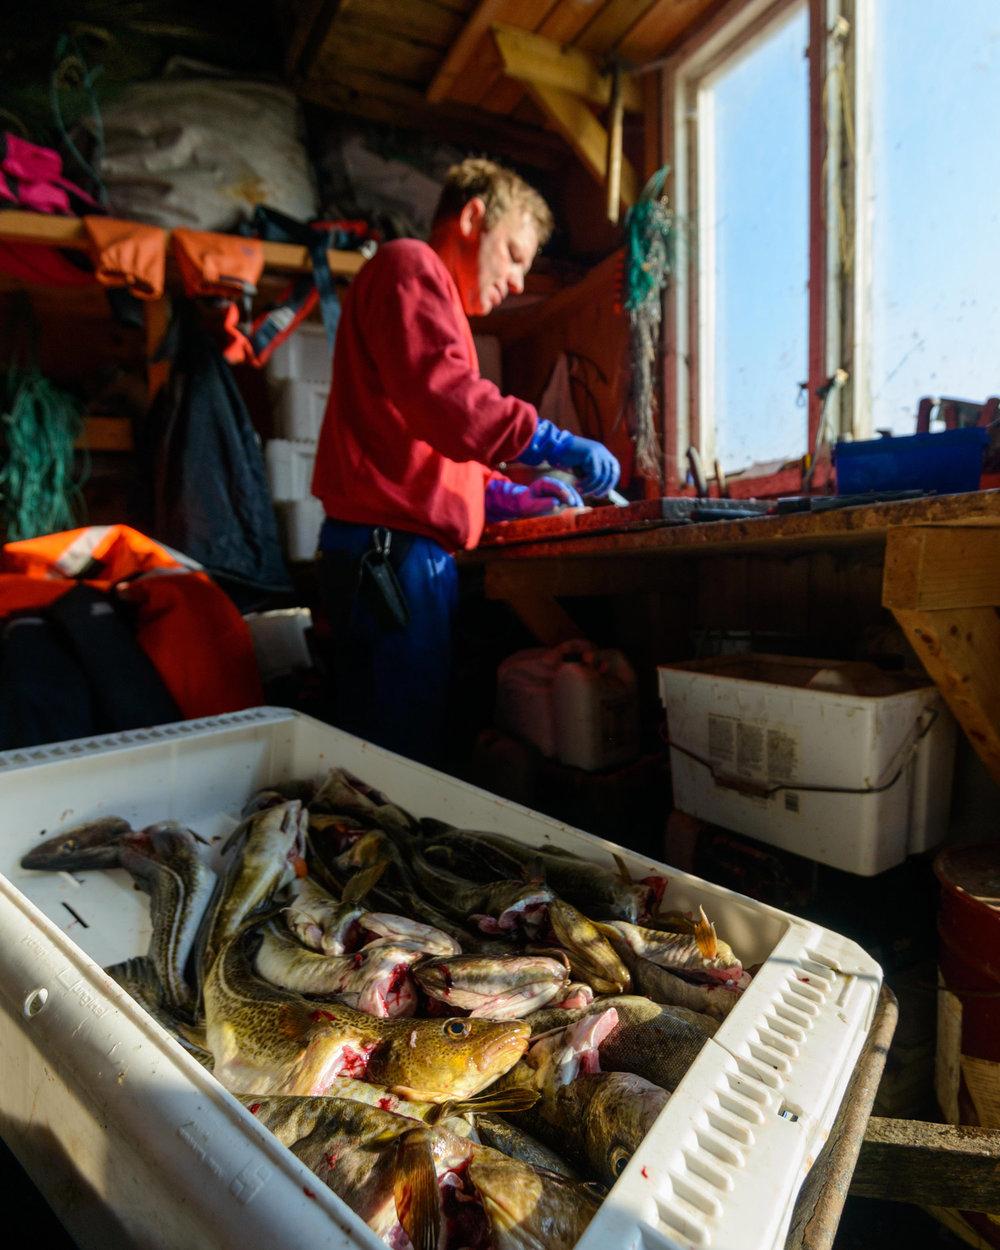 Vi håper for fremtiden at det er kun havets delikatesser fiskerne trekker opp fra både Hvalers farvann og andre steder på kloden.